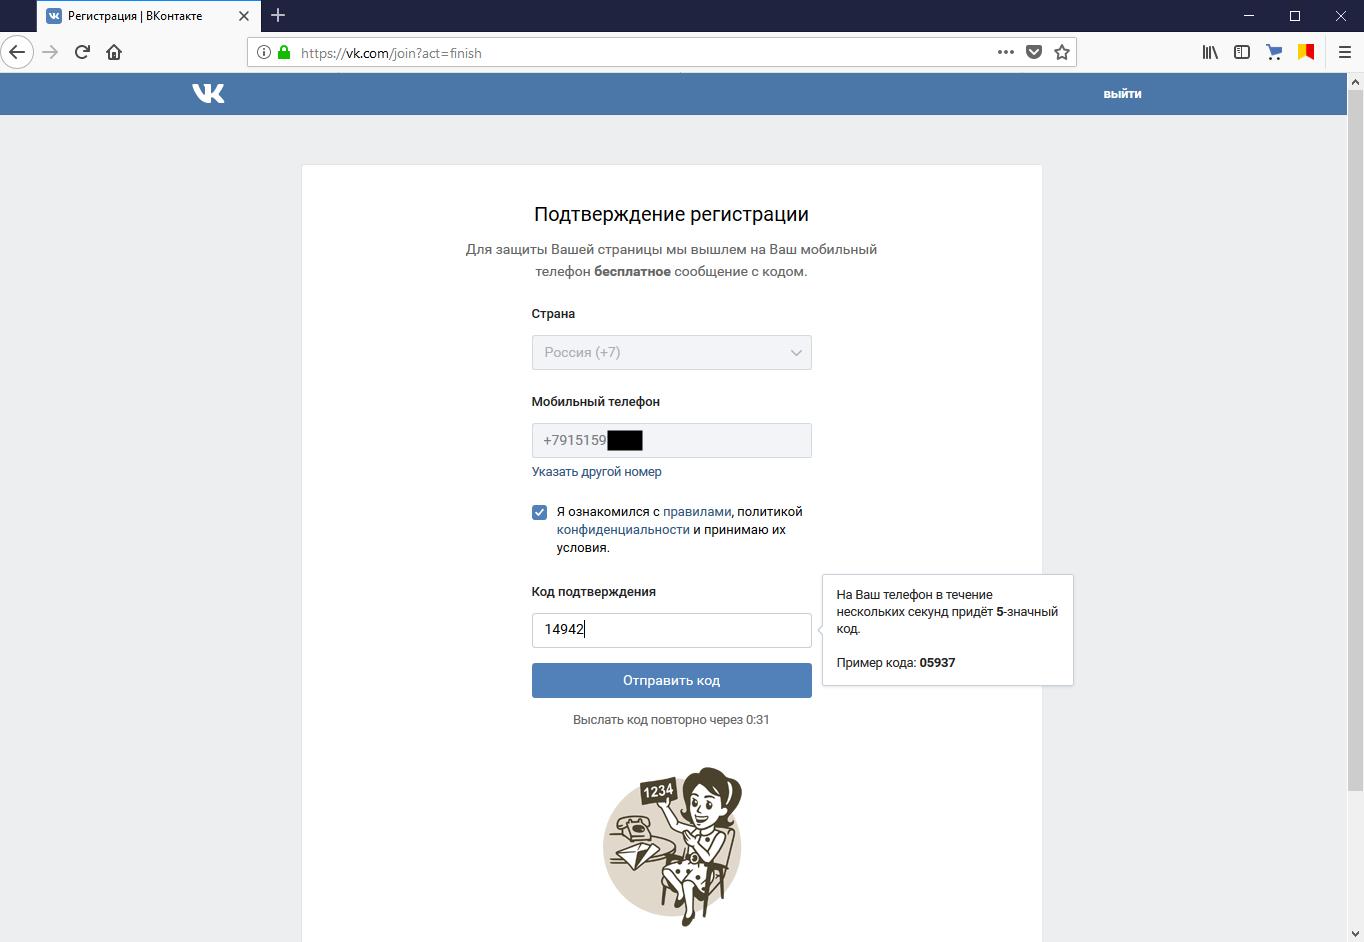 Как зарегистрировать страницу Вконтакте?